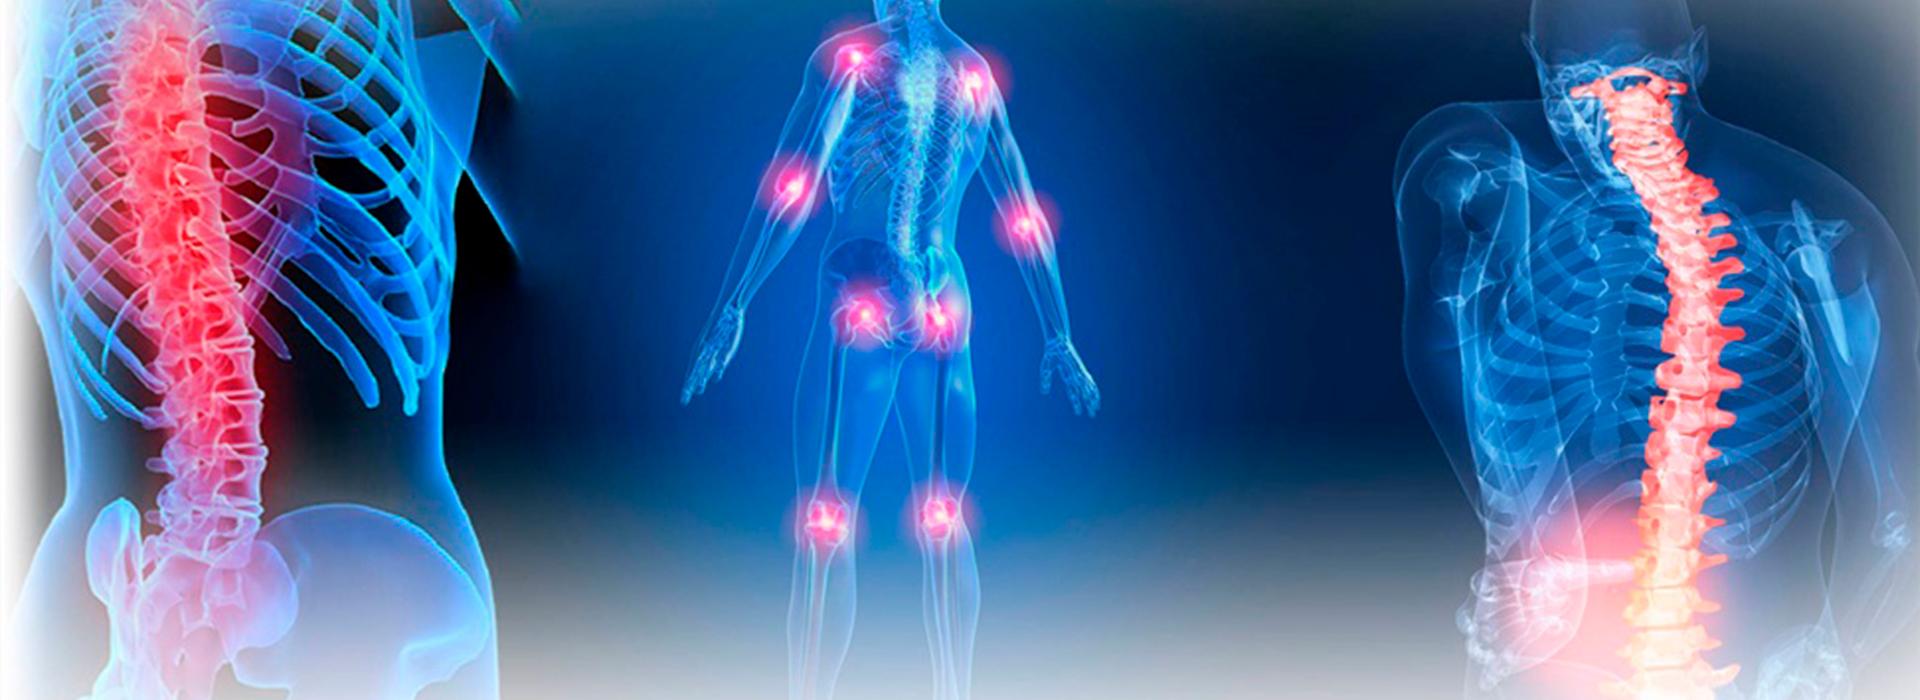 Кто такой врач-остеопат и как он лечит? | мир человека